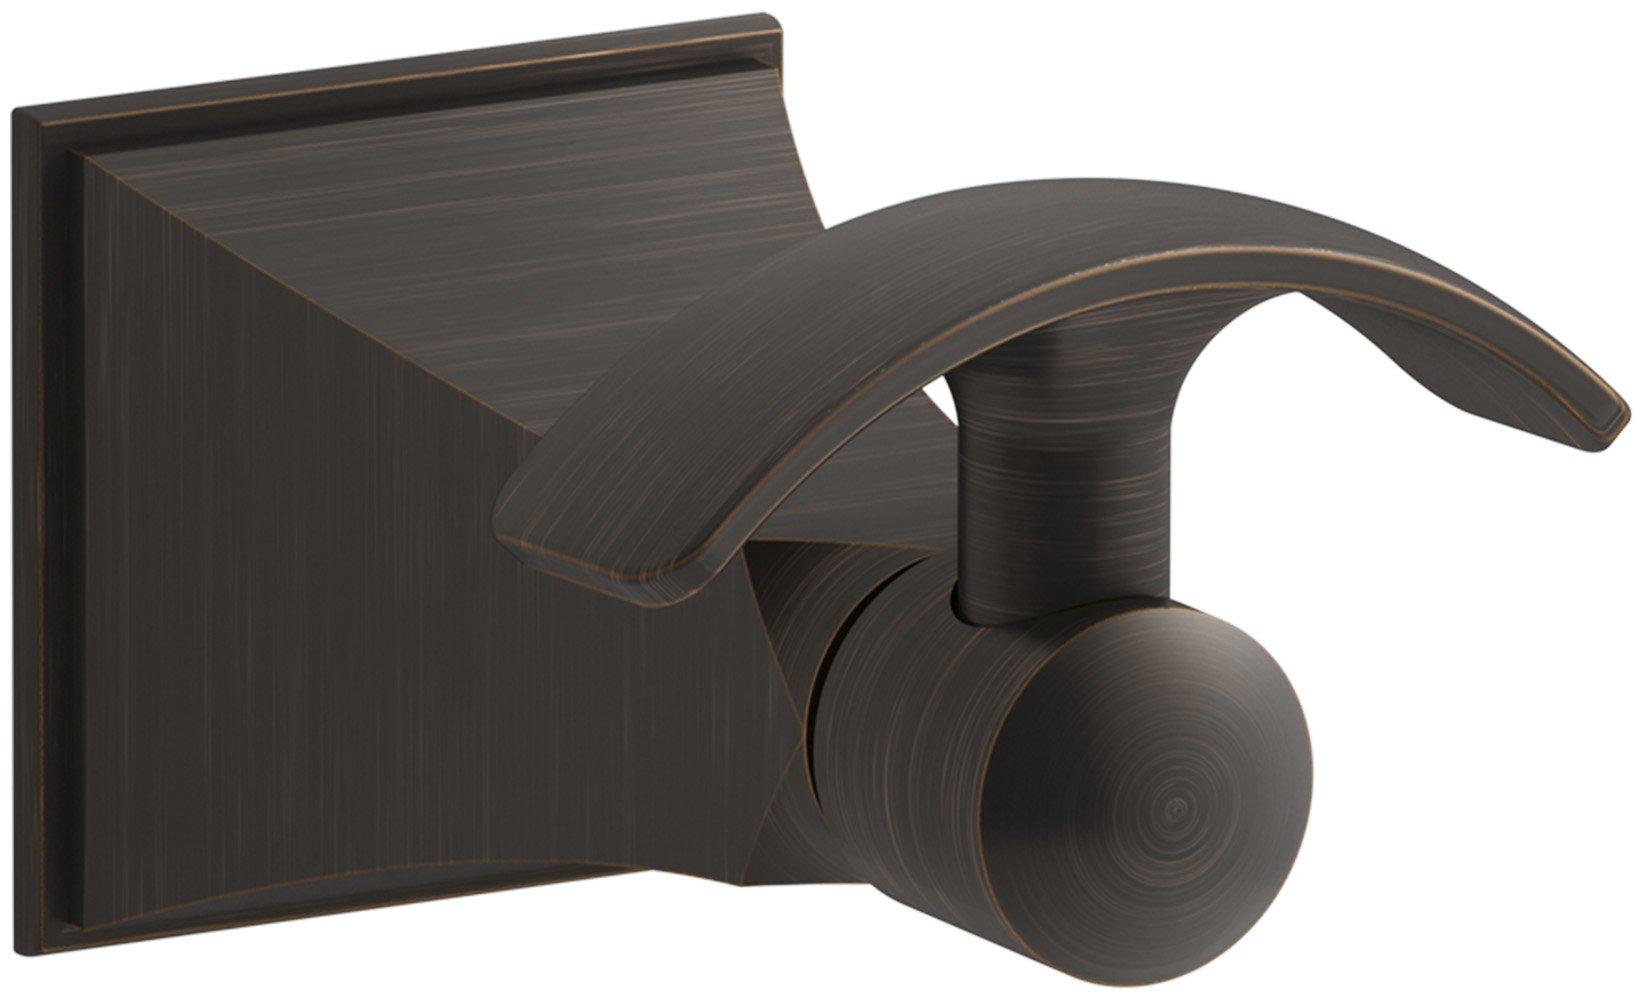 Kohler K-492-2BZ Memoirs Single Robe Hook, Oil-Rubbed Bronze